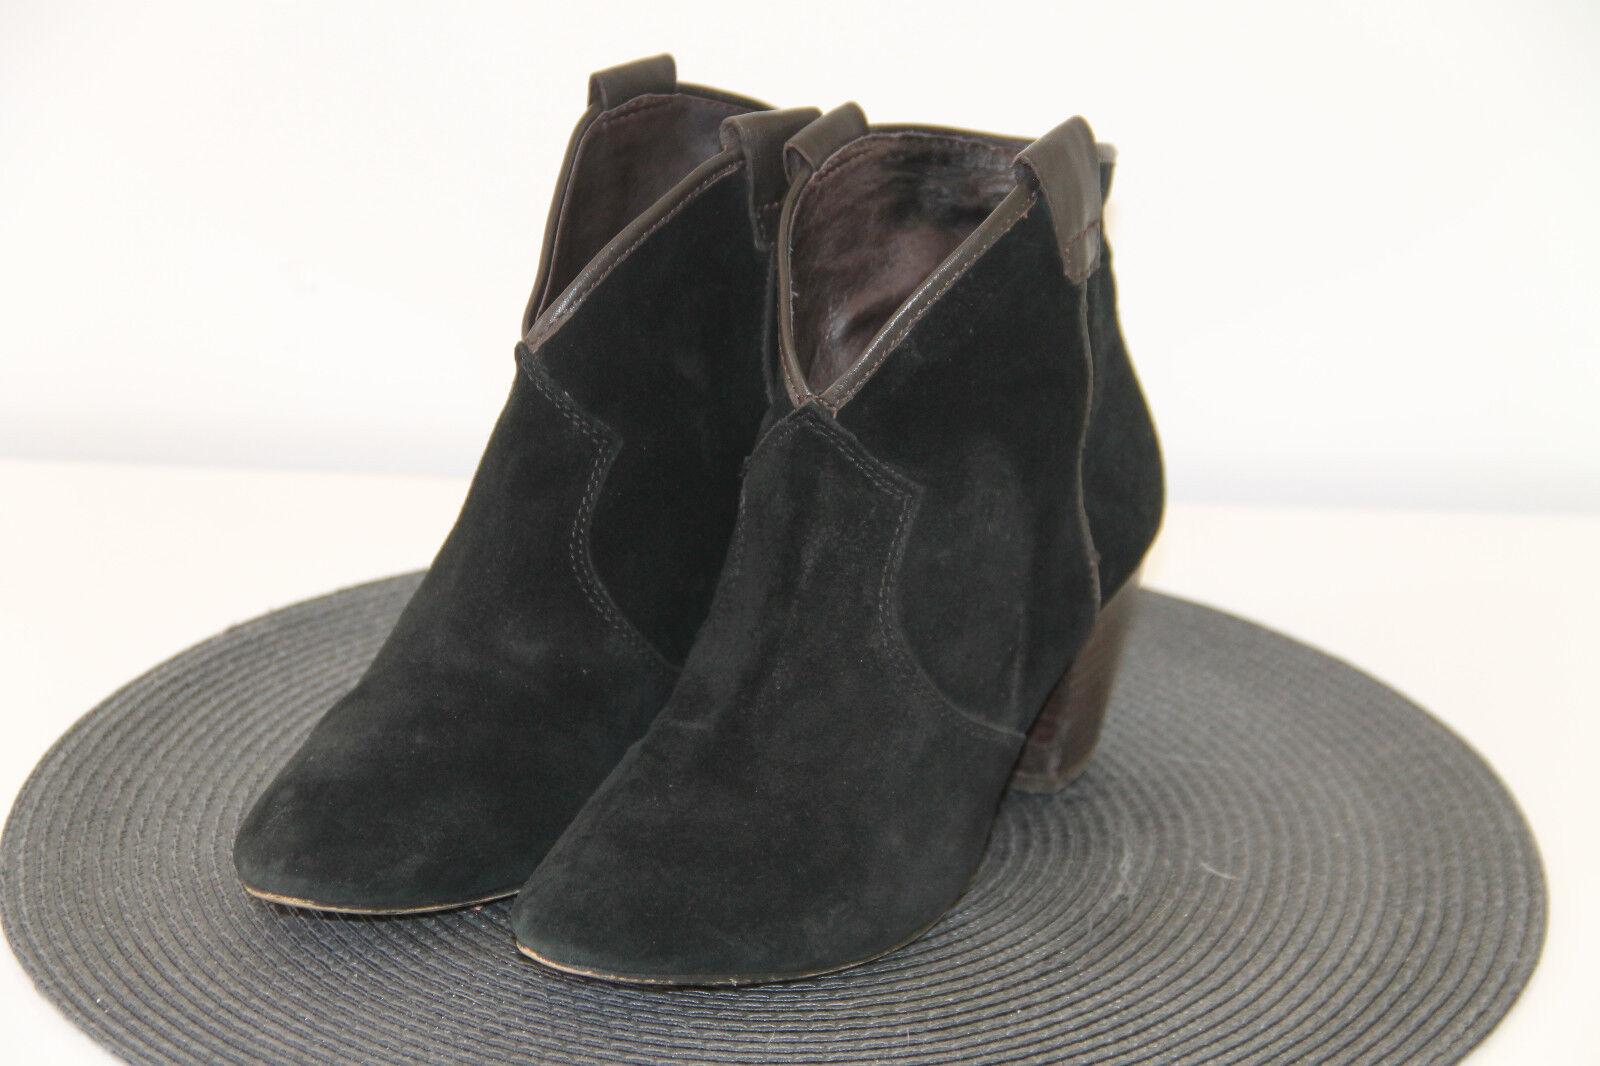 Carini taglia stivali in pelle scamosciata nero ASH taglia Carini 36 in perfette condizioni 38ea65